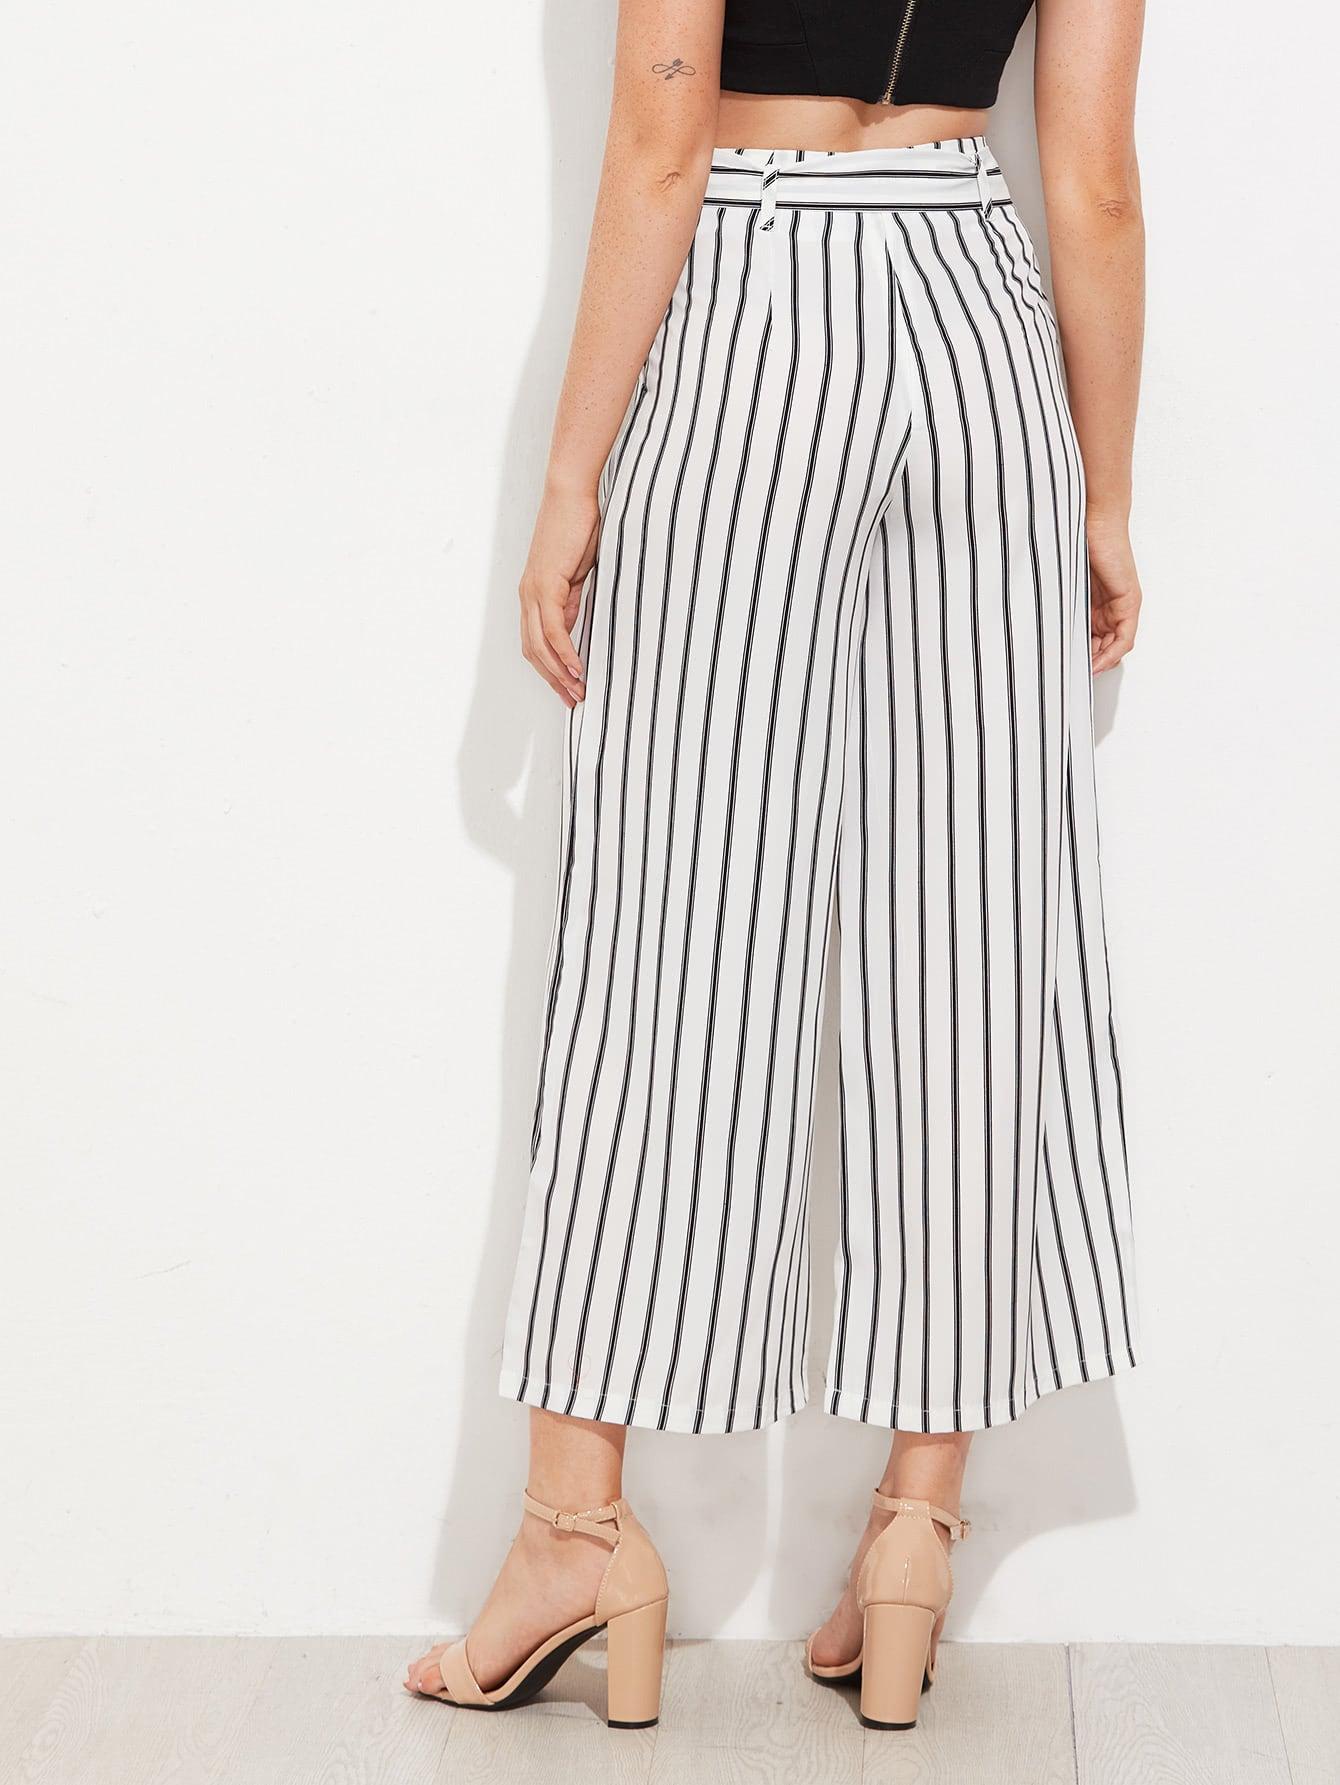 pantalon 3 4 taille haute avec ceinture et rayures blanc. Black Bedroom Furniture Sets. Home Design Ideas